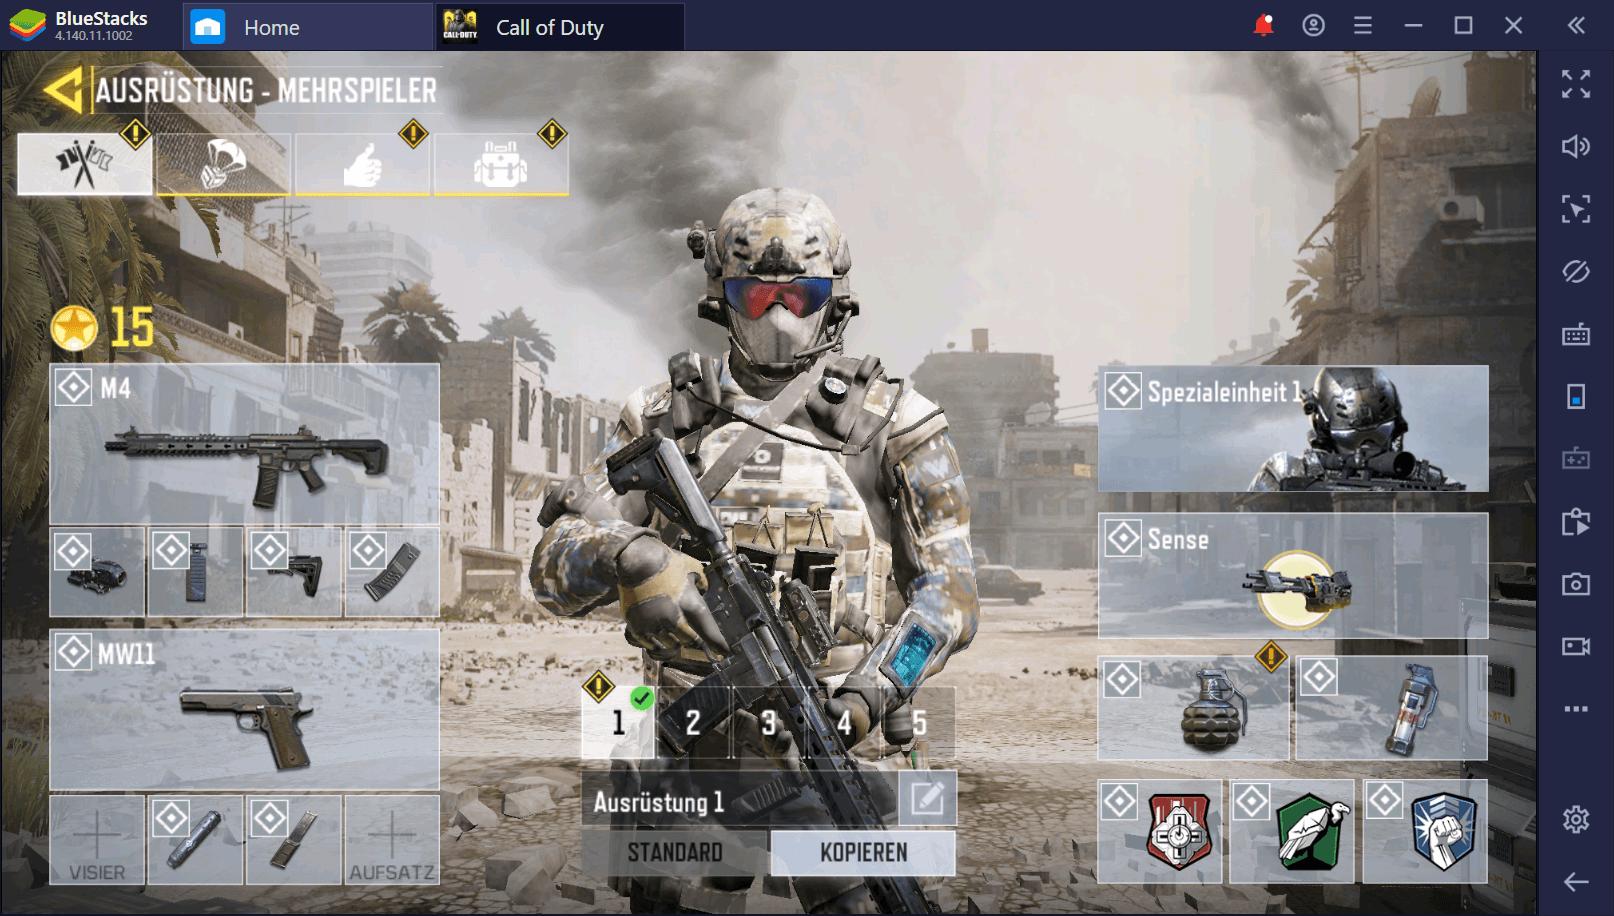 Call of Duty Mobile auf dem PC spielen: Die besten Einstellungen für CoD – Grafik, Gameplay und Steuerung